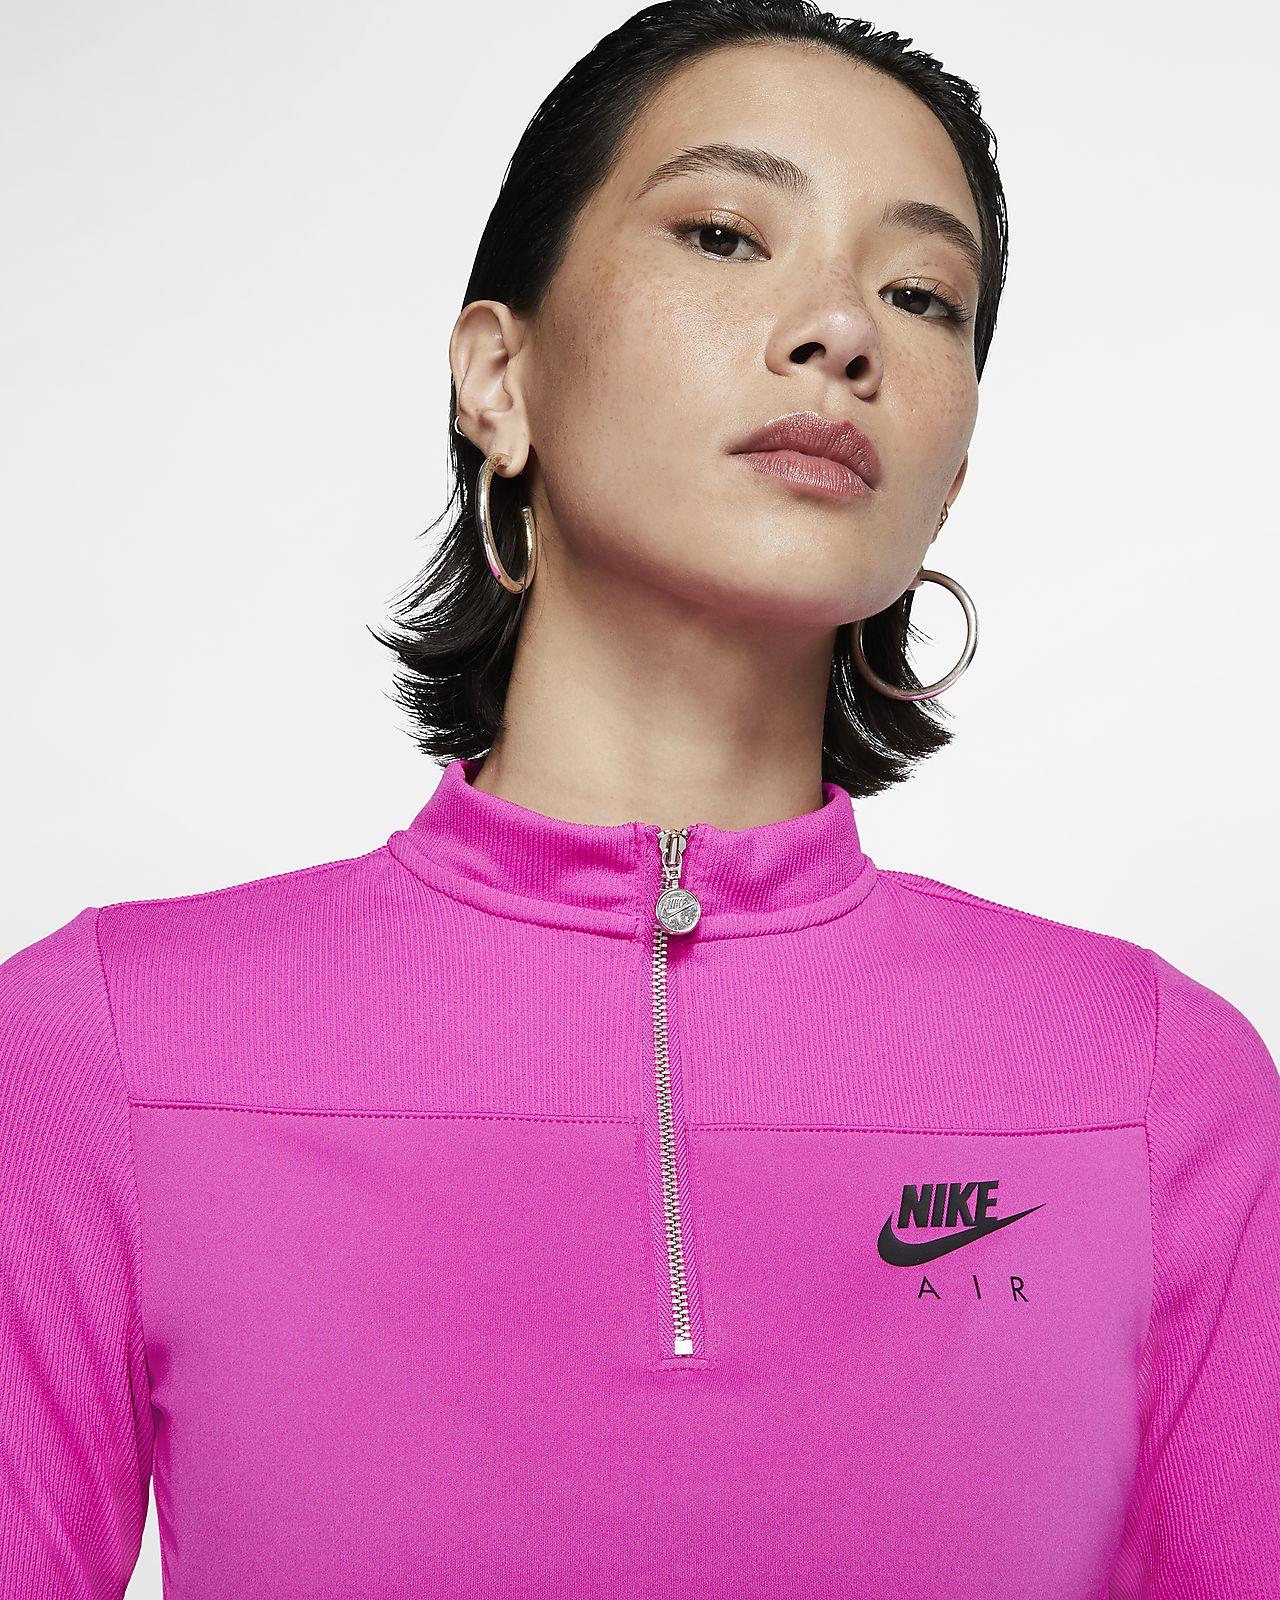 Haut côtelé à manches longues Nike Air pour Femme